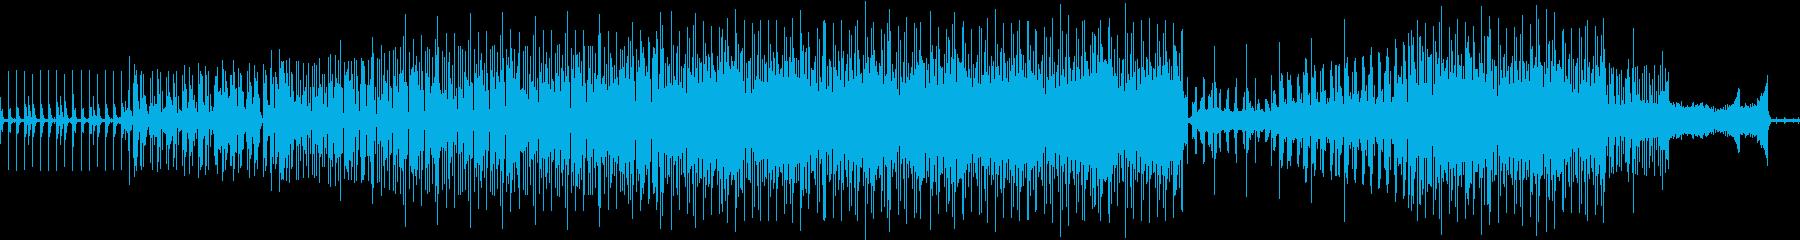 くじら同士の超音波による歌のやりとりの再生済みの波形